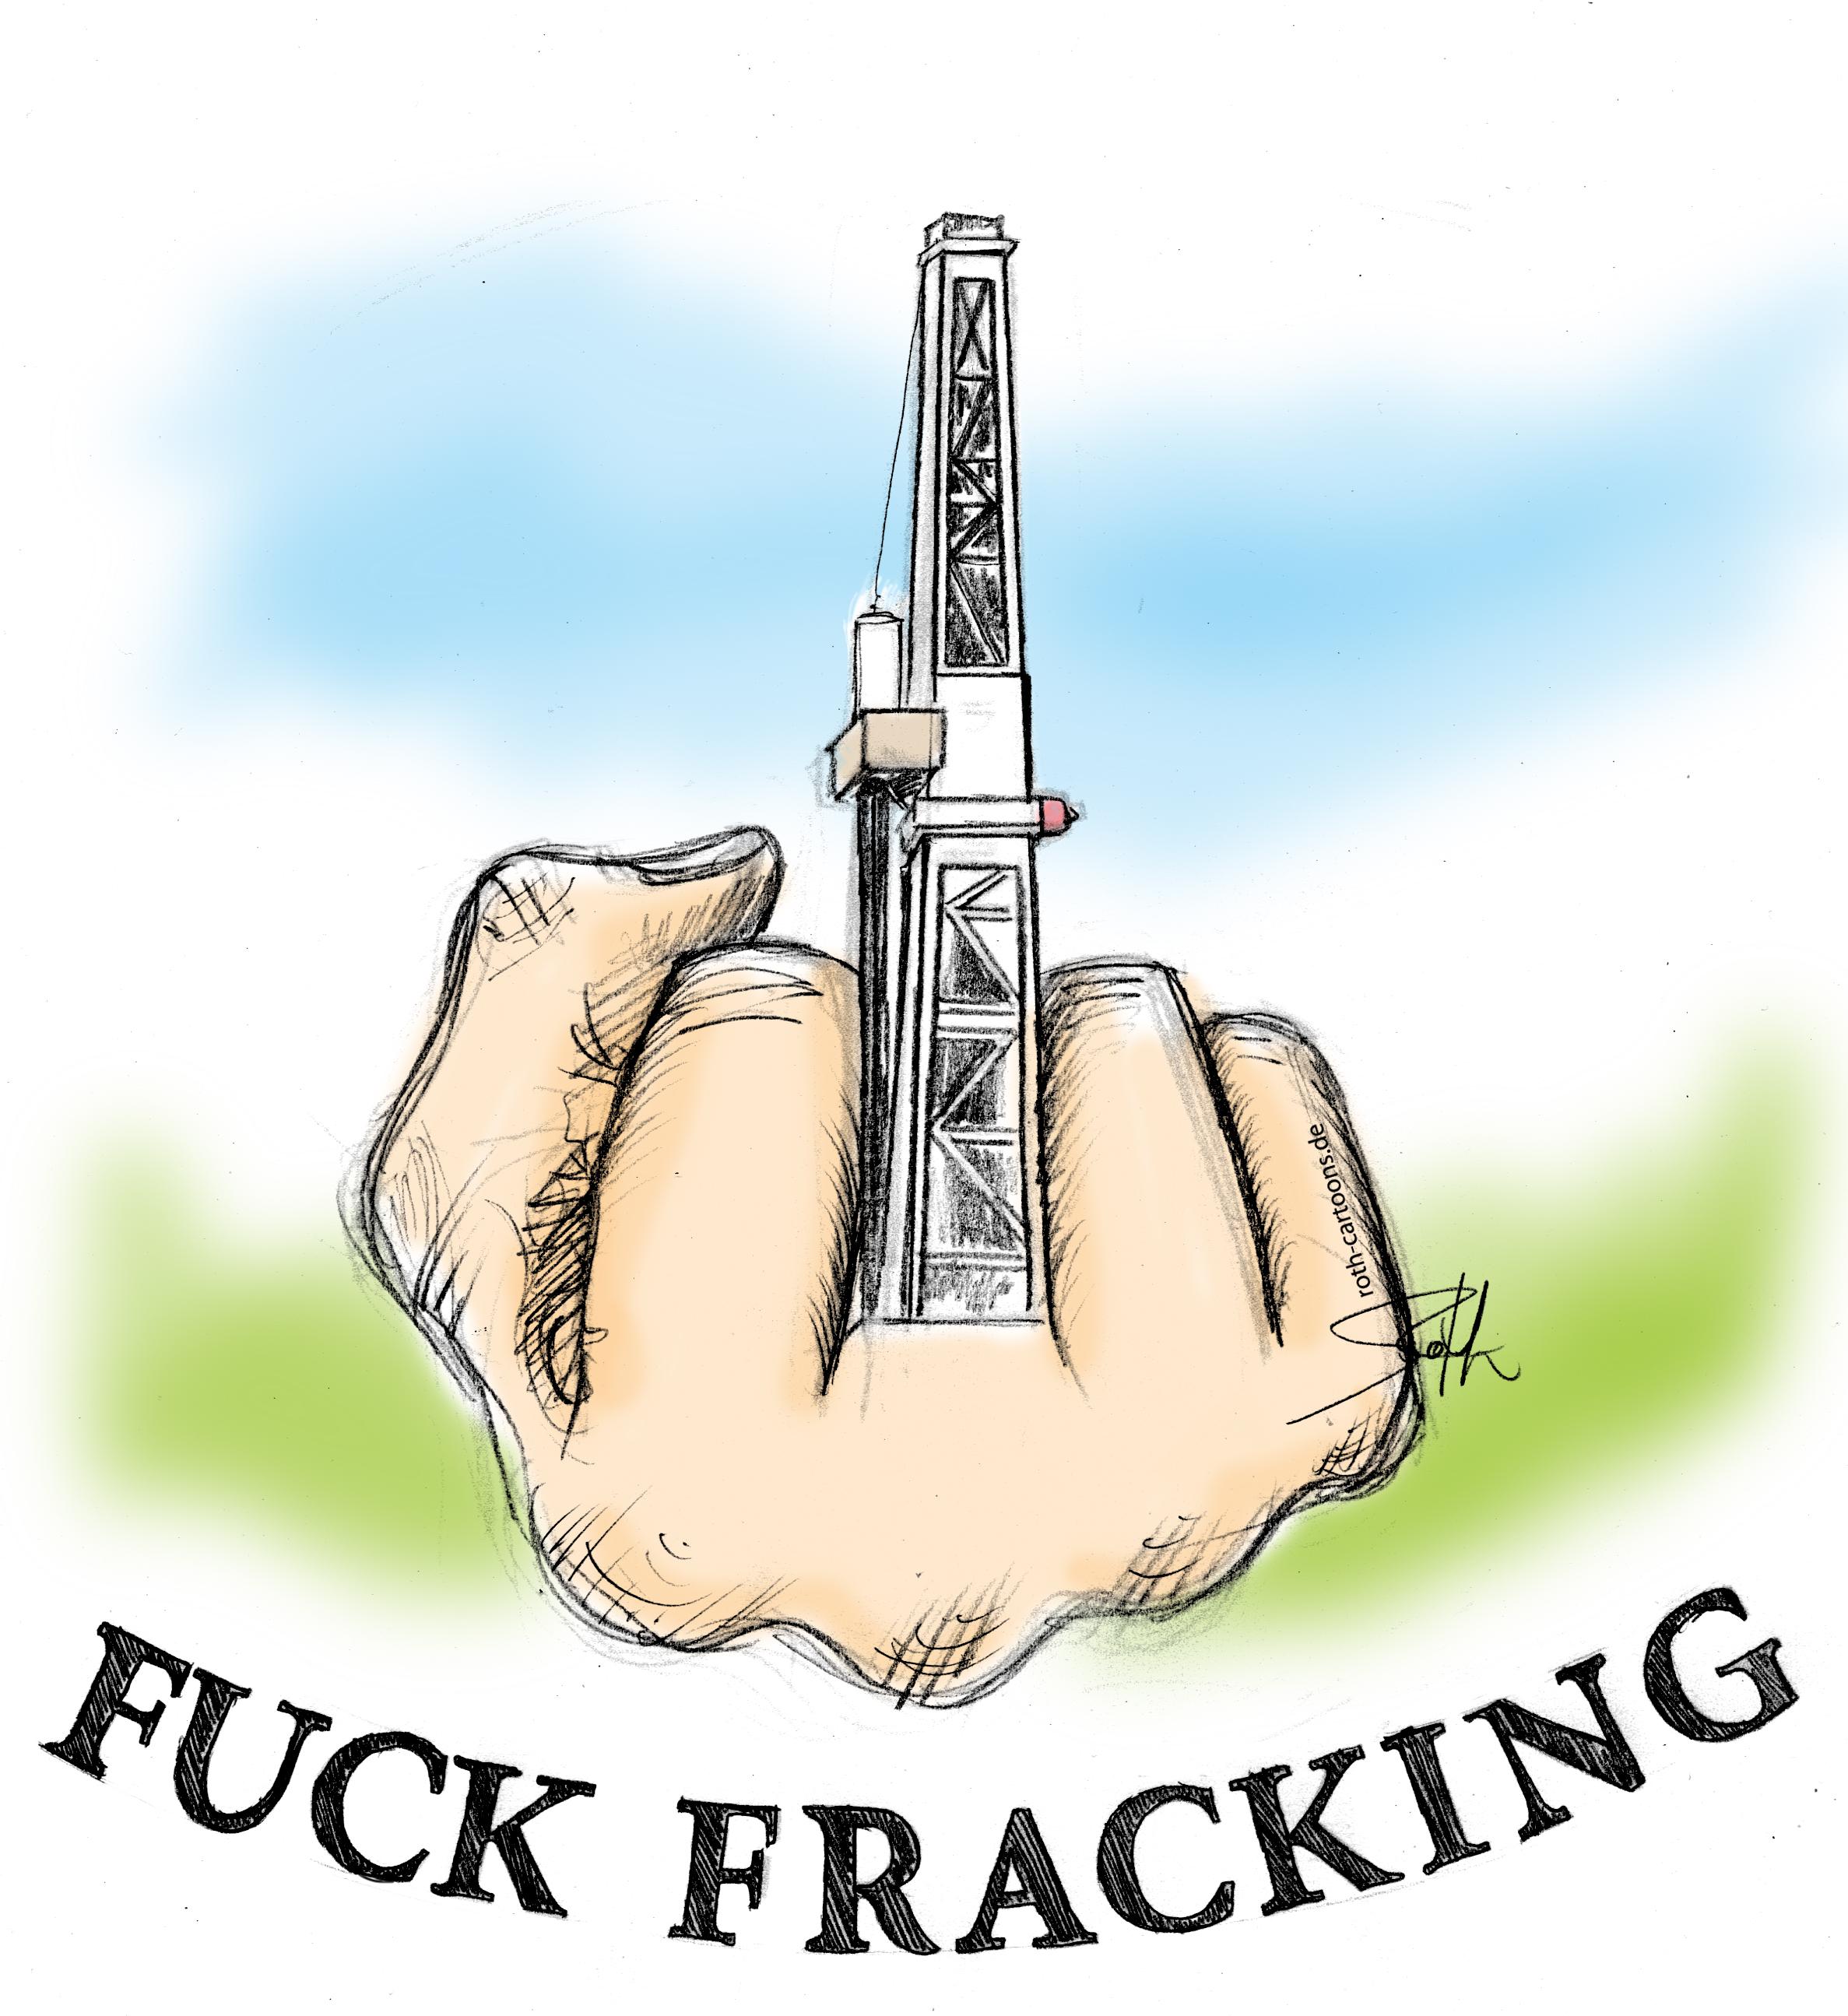 Fuck Fracking! Stop Fracking!